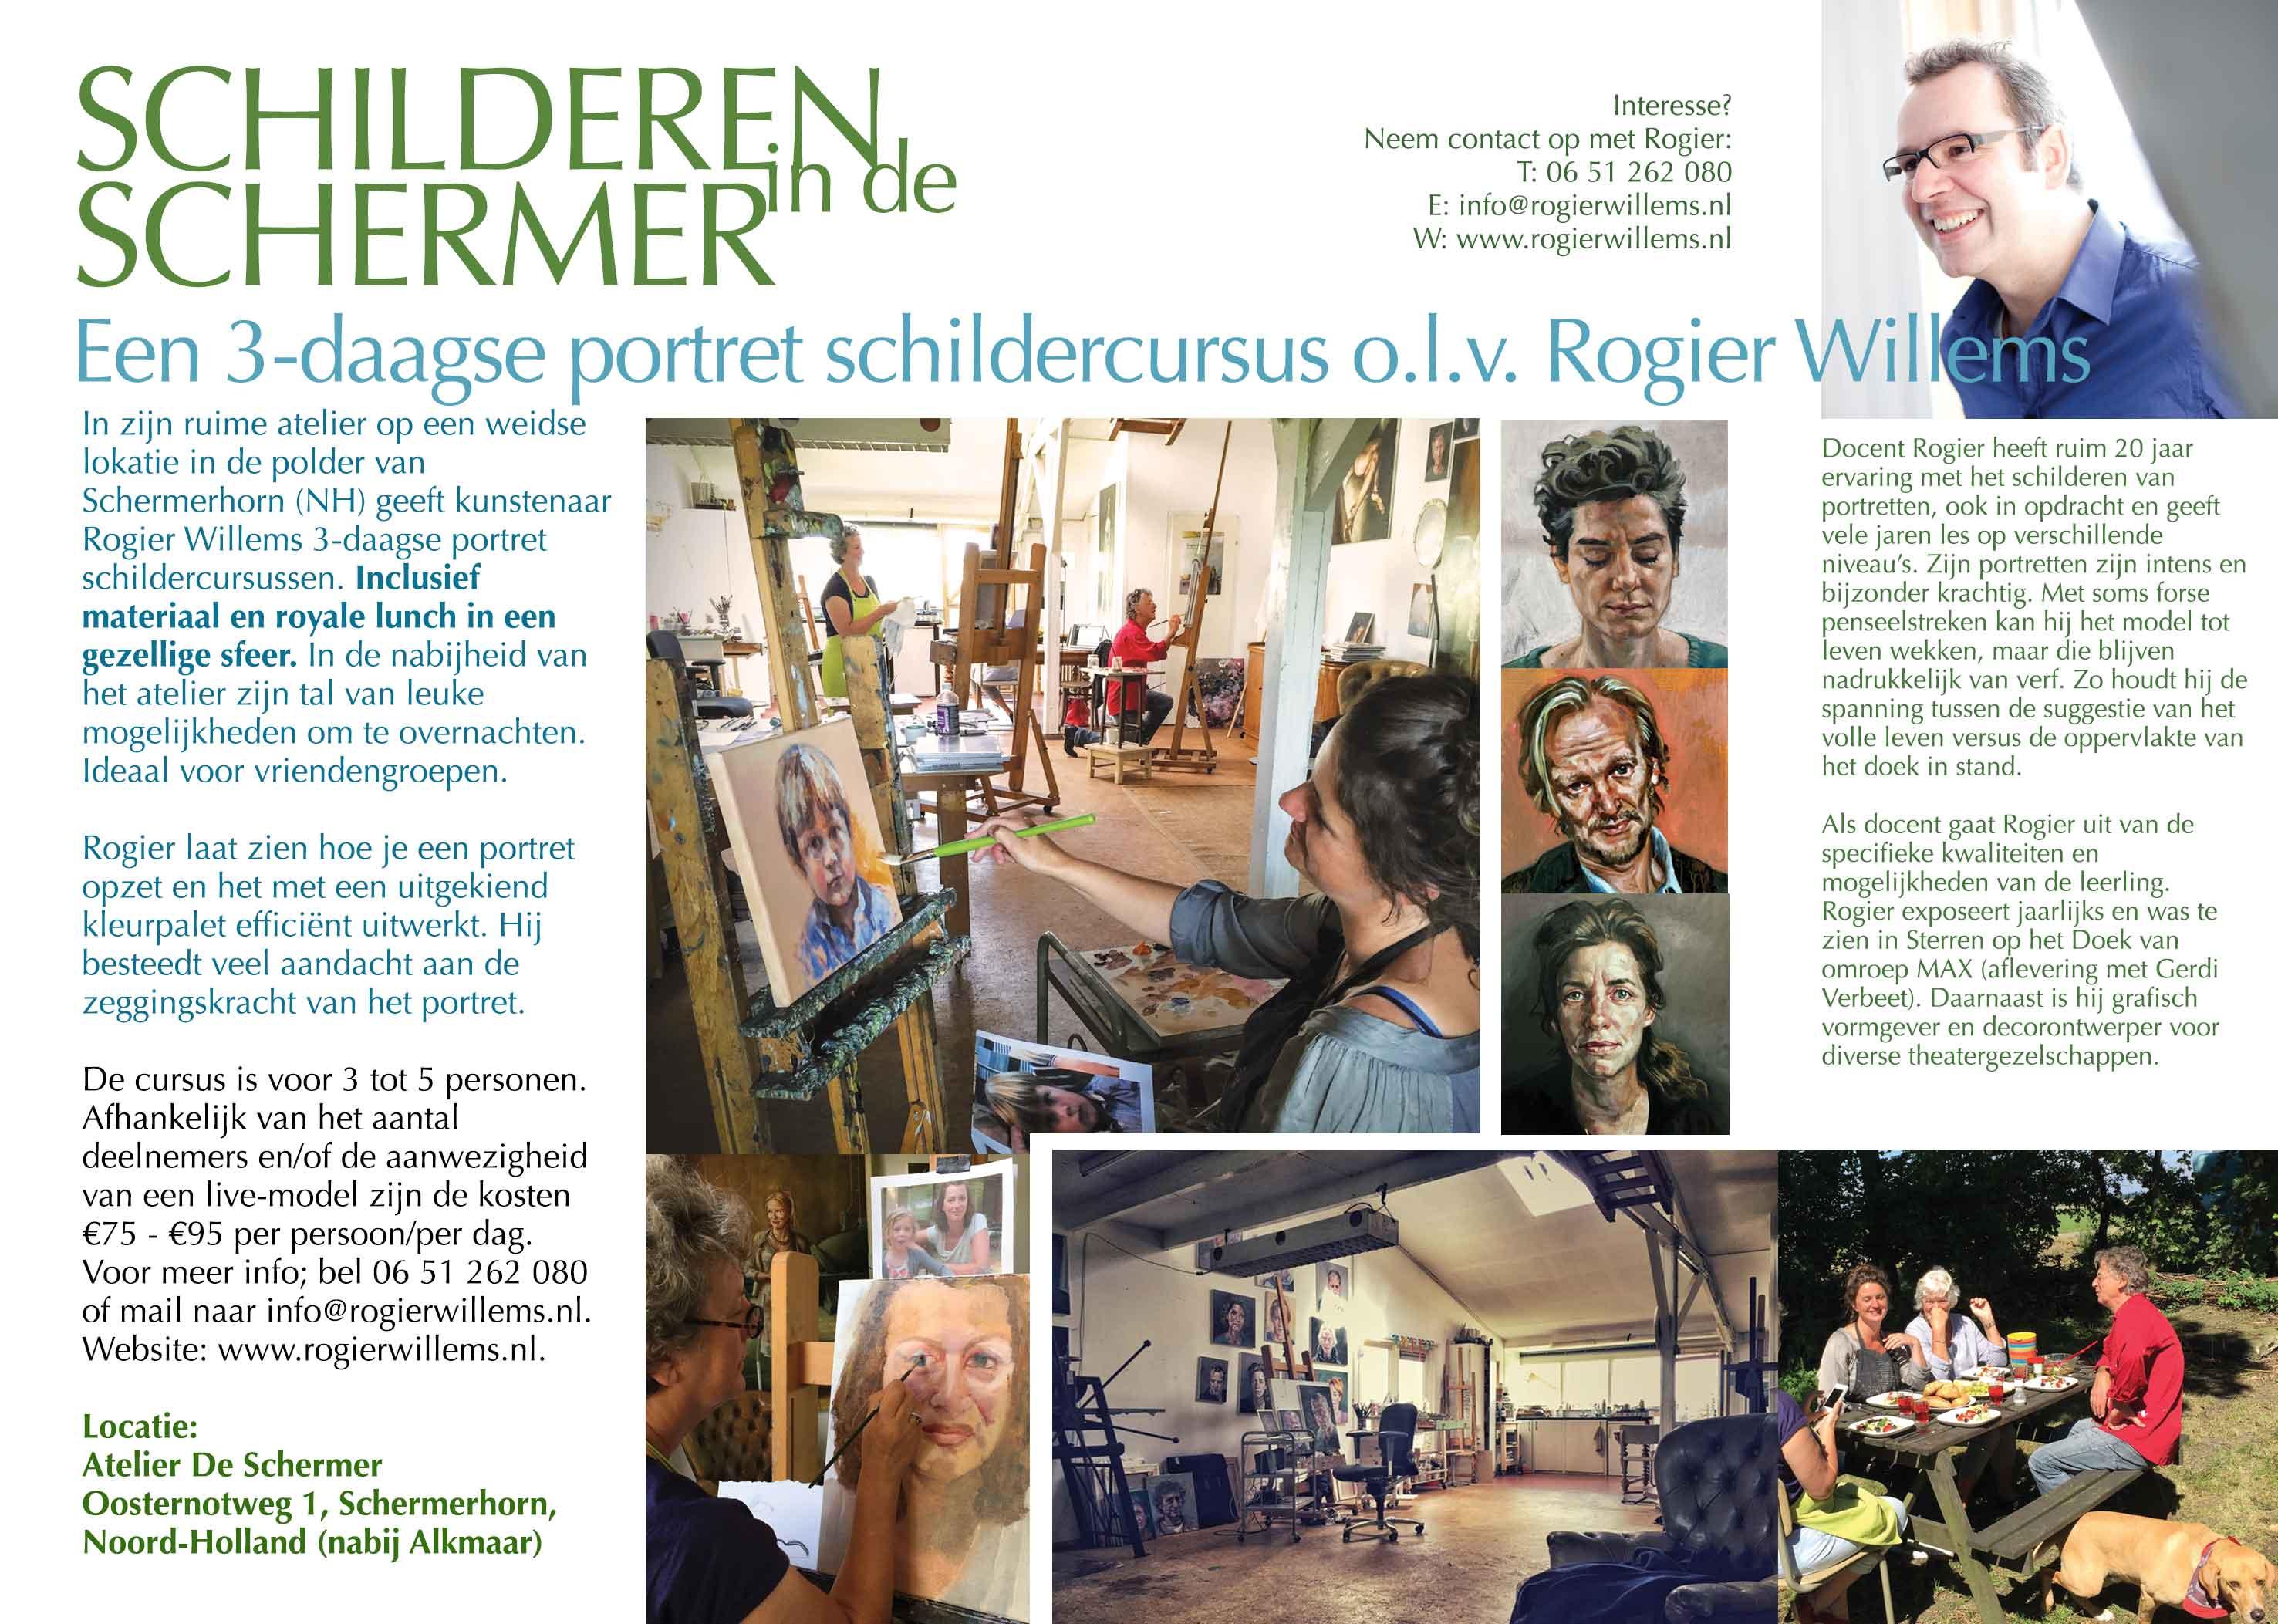 3 Daagse Portret Schilder Cursus Rogier Willemsrogier Willems